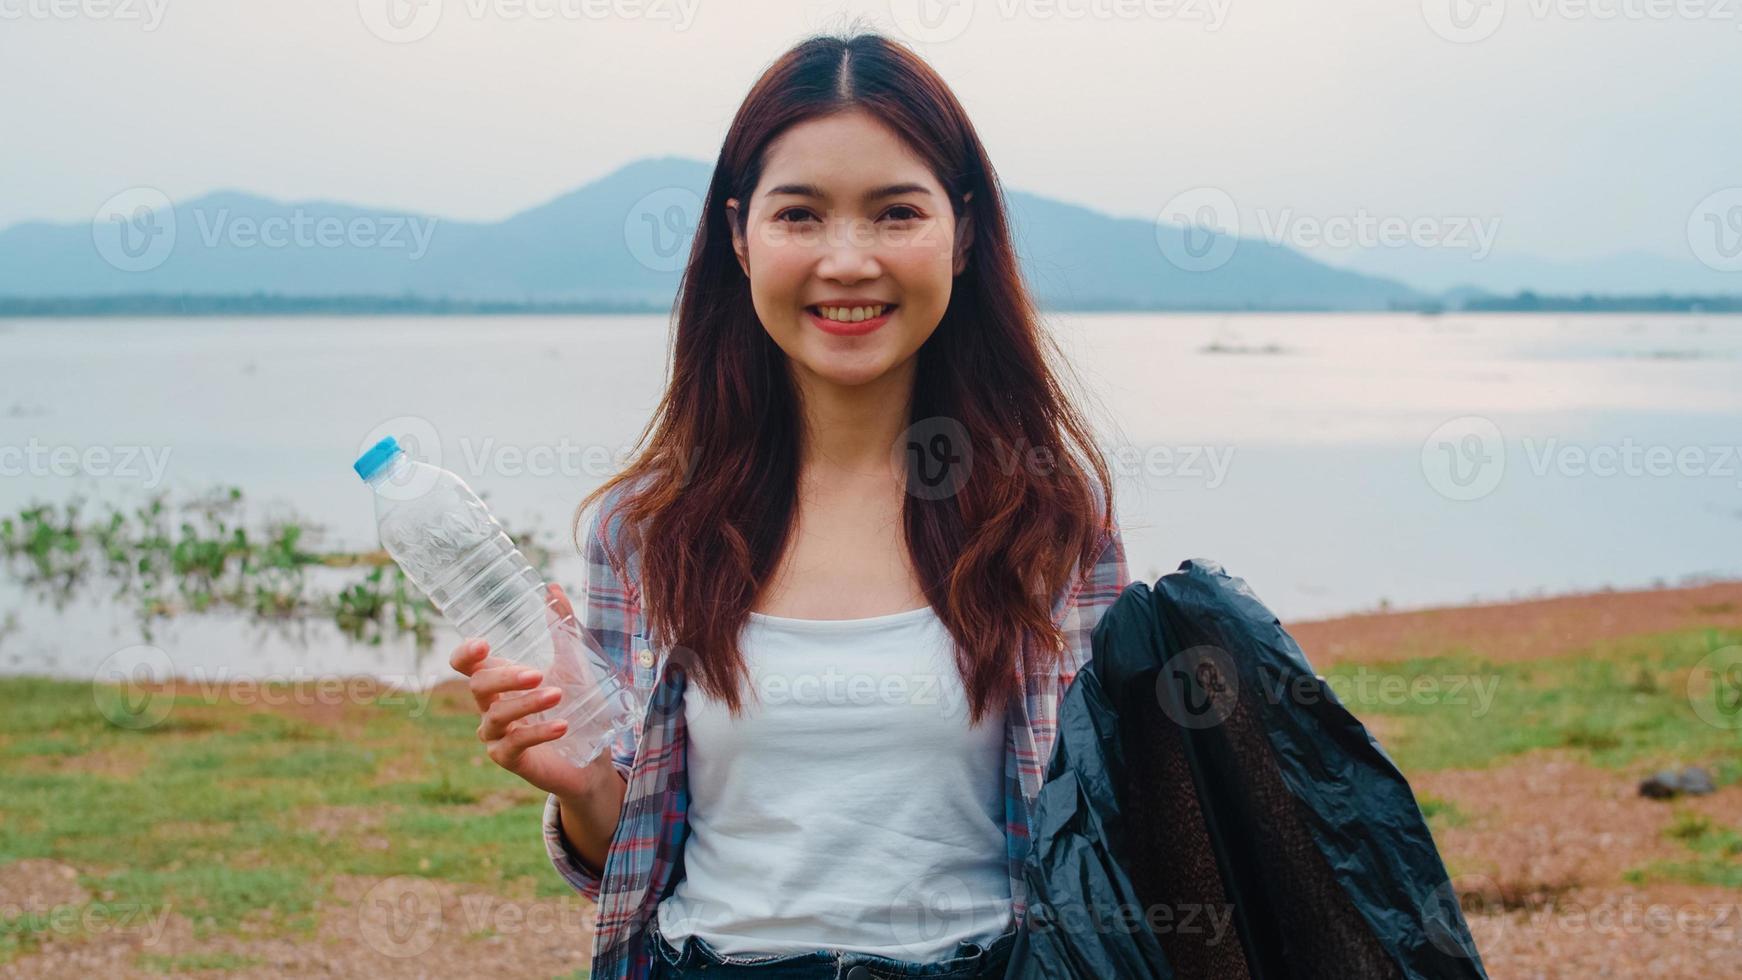 il ritratto di giovani donne asiatiche volontari aiuta a mantenere la natura pulita tenendo rifiuti di bottiglie di plastica e sacchetti di immondizia neri sulla spiaggia. concetto sui problemi di inquinamento di conservazione ambientale. foto